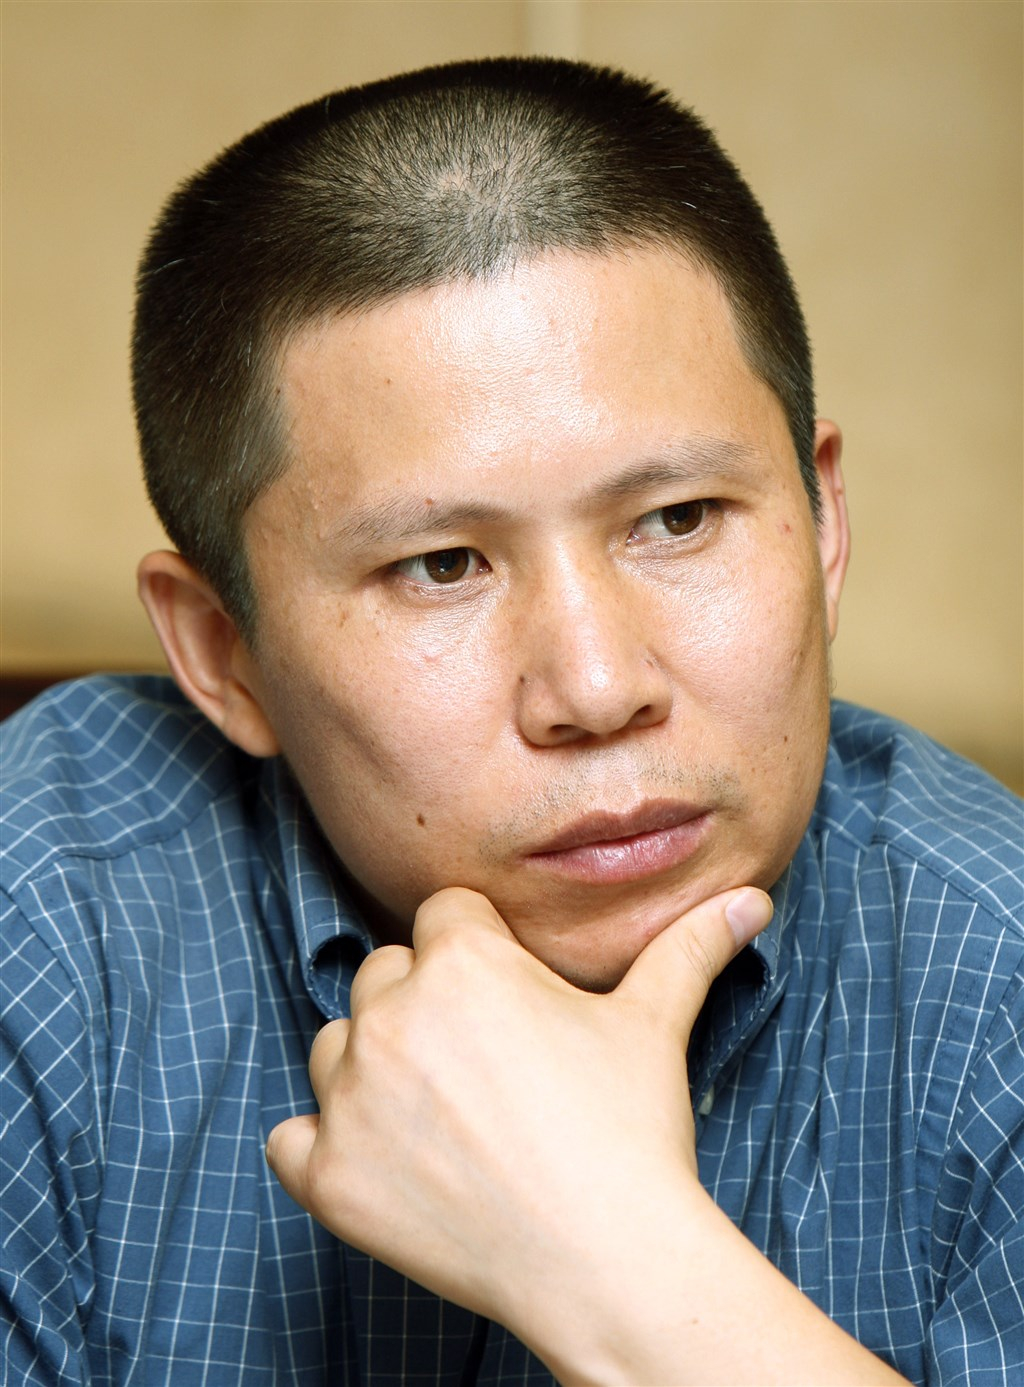 中國公民運動倡議者、日前因呼籲中國國家主席習近平讓位而遭追查的法學博士許志永(圖),據稱已於15日晚間在廣州被拘捕。(檔案照片/美聯社)